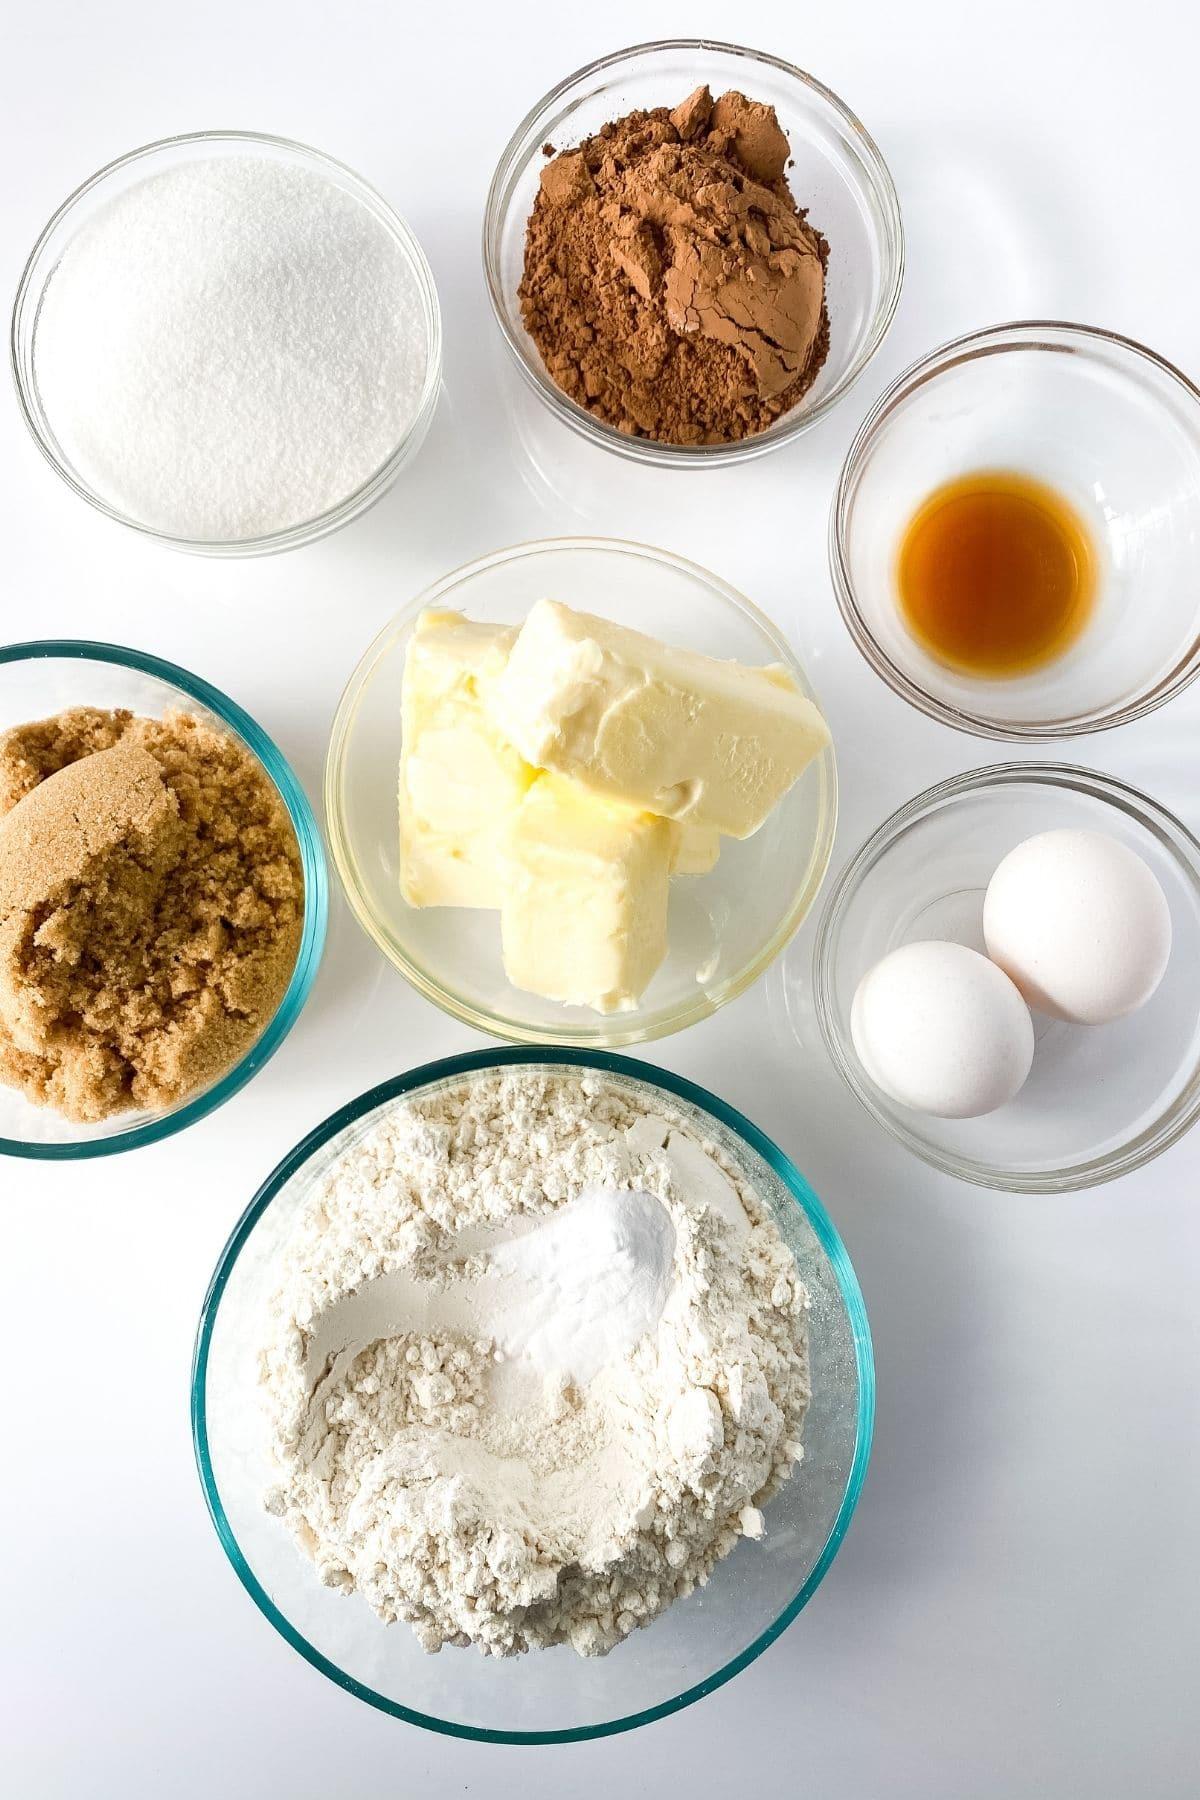 Ingredients for German chocolate cookies